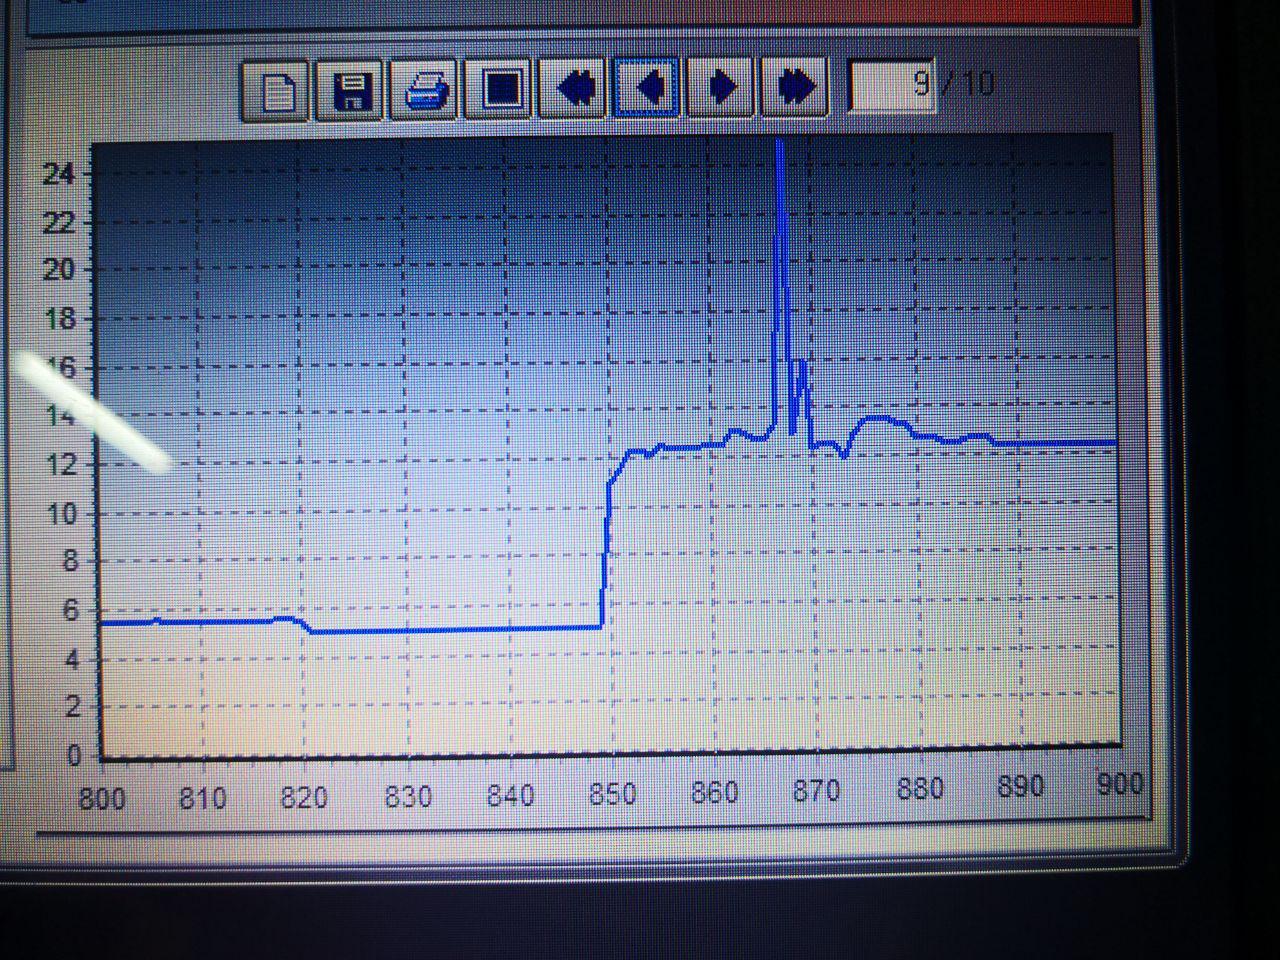 график изменения силы тока во времени